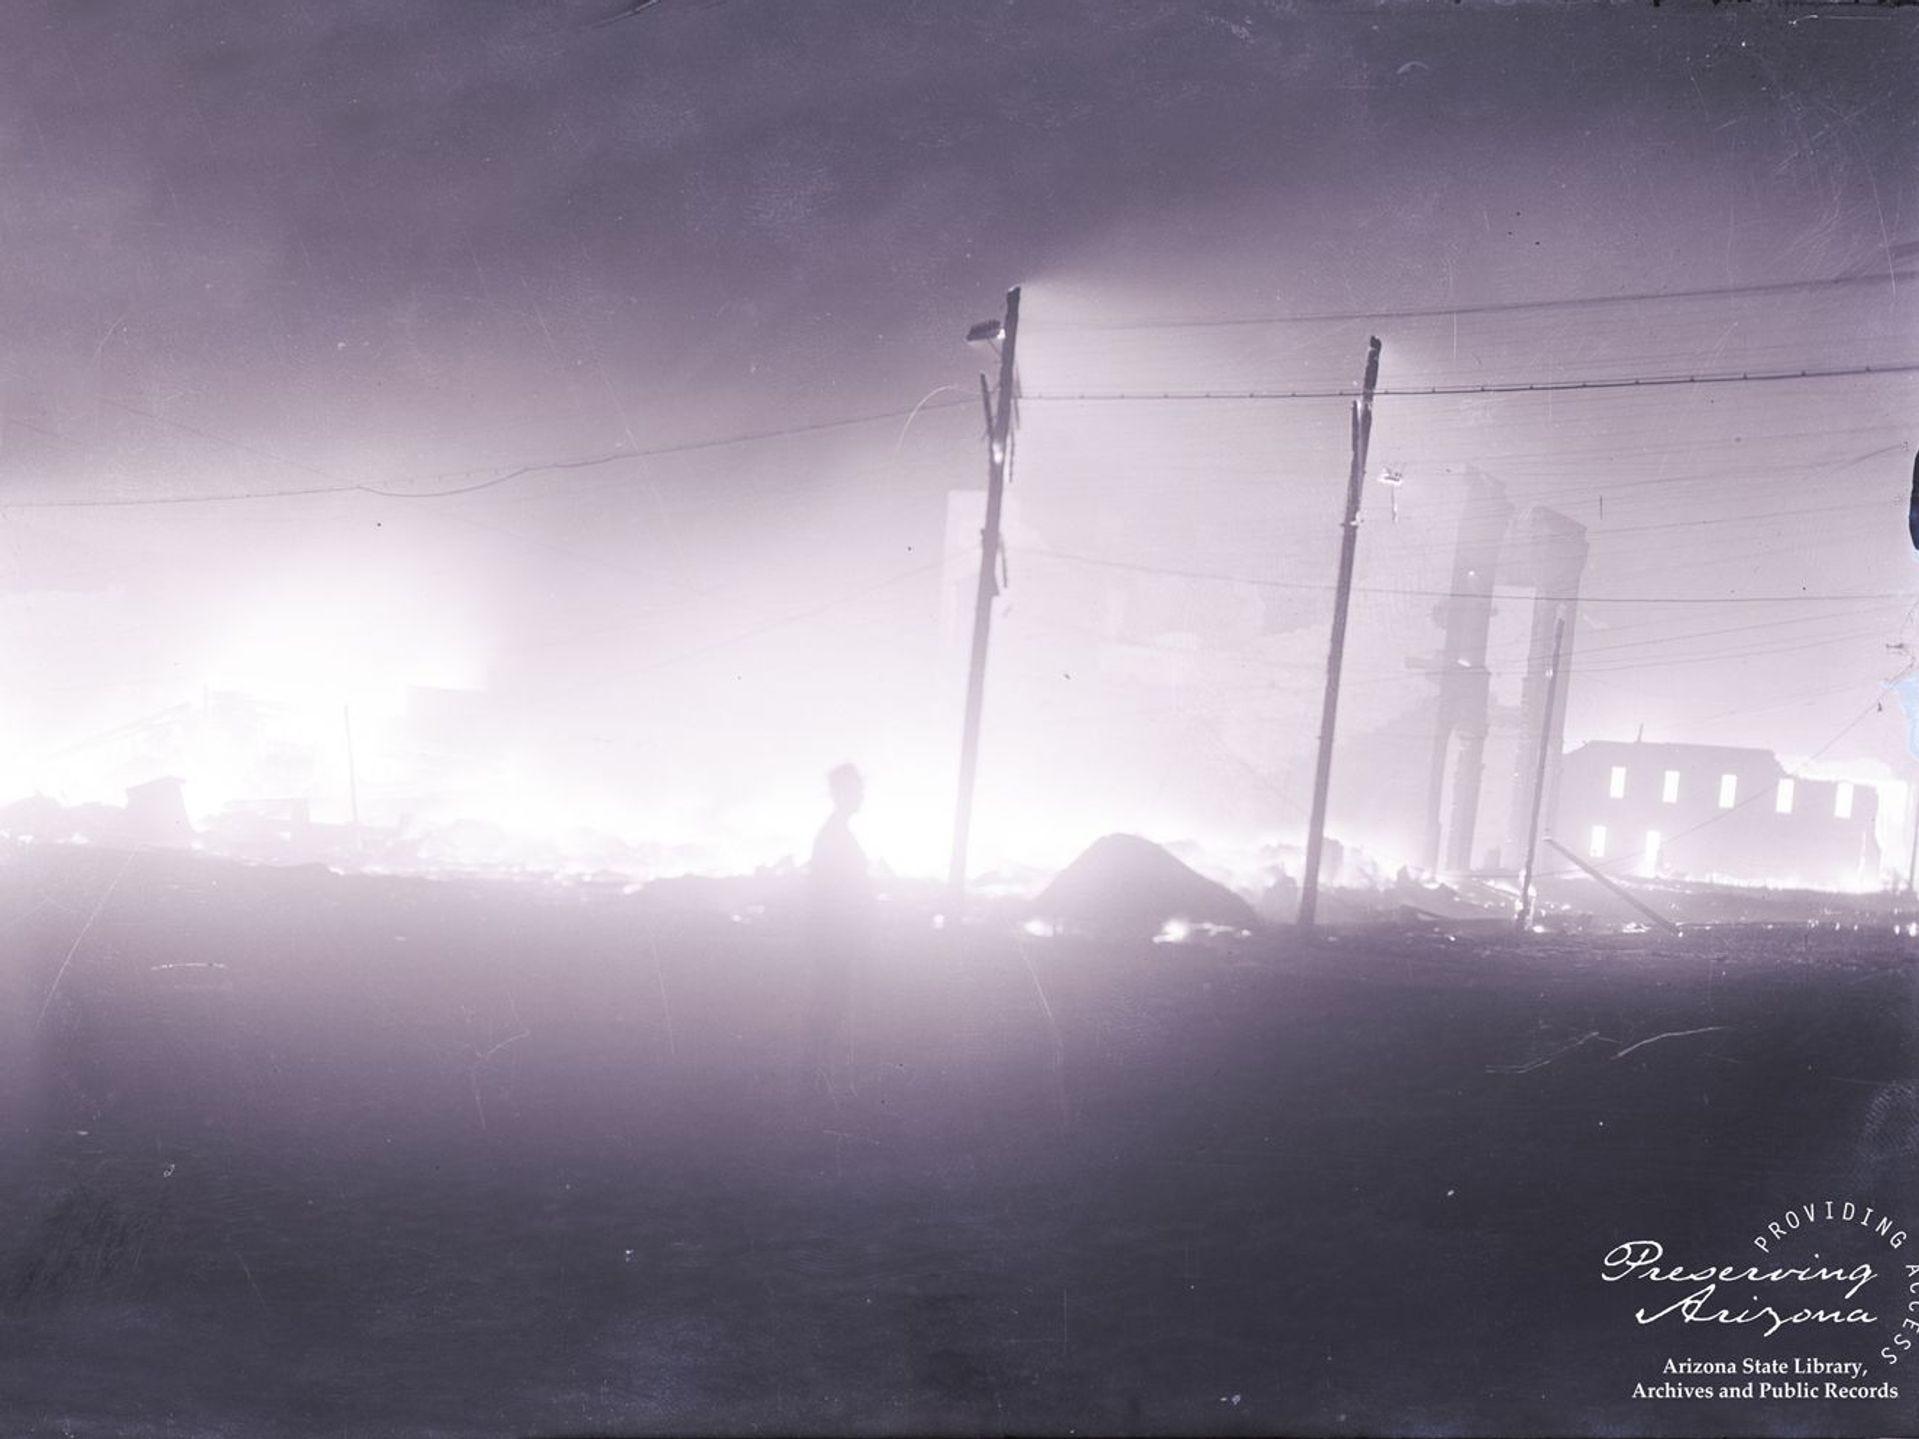 En julio de 1900, un incendio acabó con Whiskey Row de Prescott. Debido a la falta de agua, los bomberos hicieron explotar varios edificios para crear una barrera contra incendios.